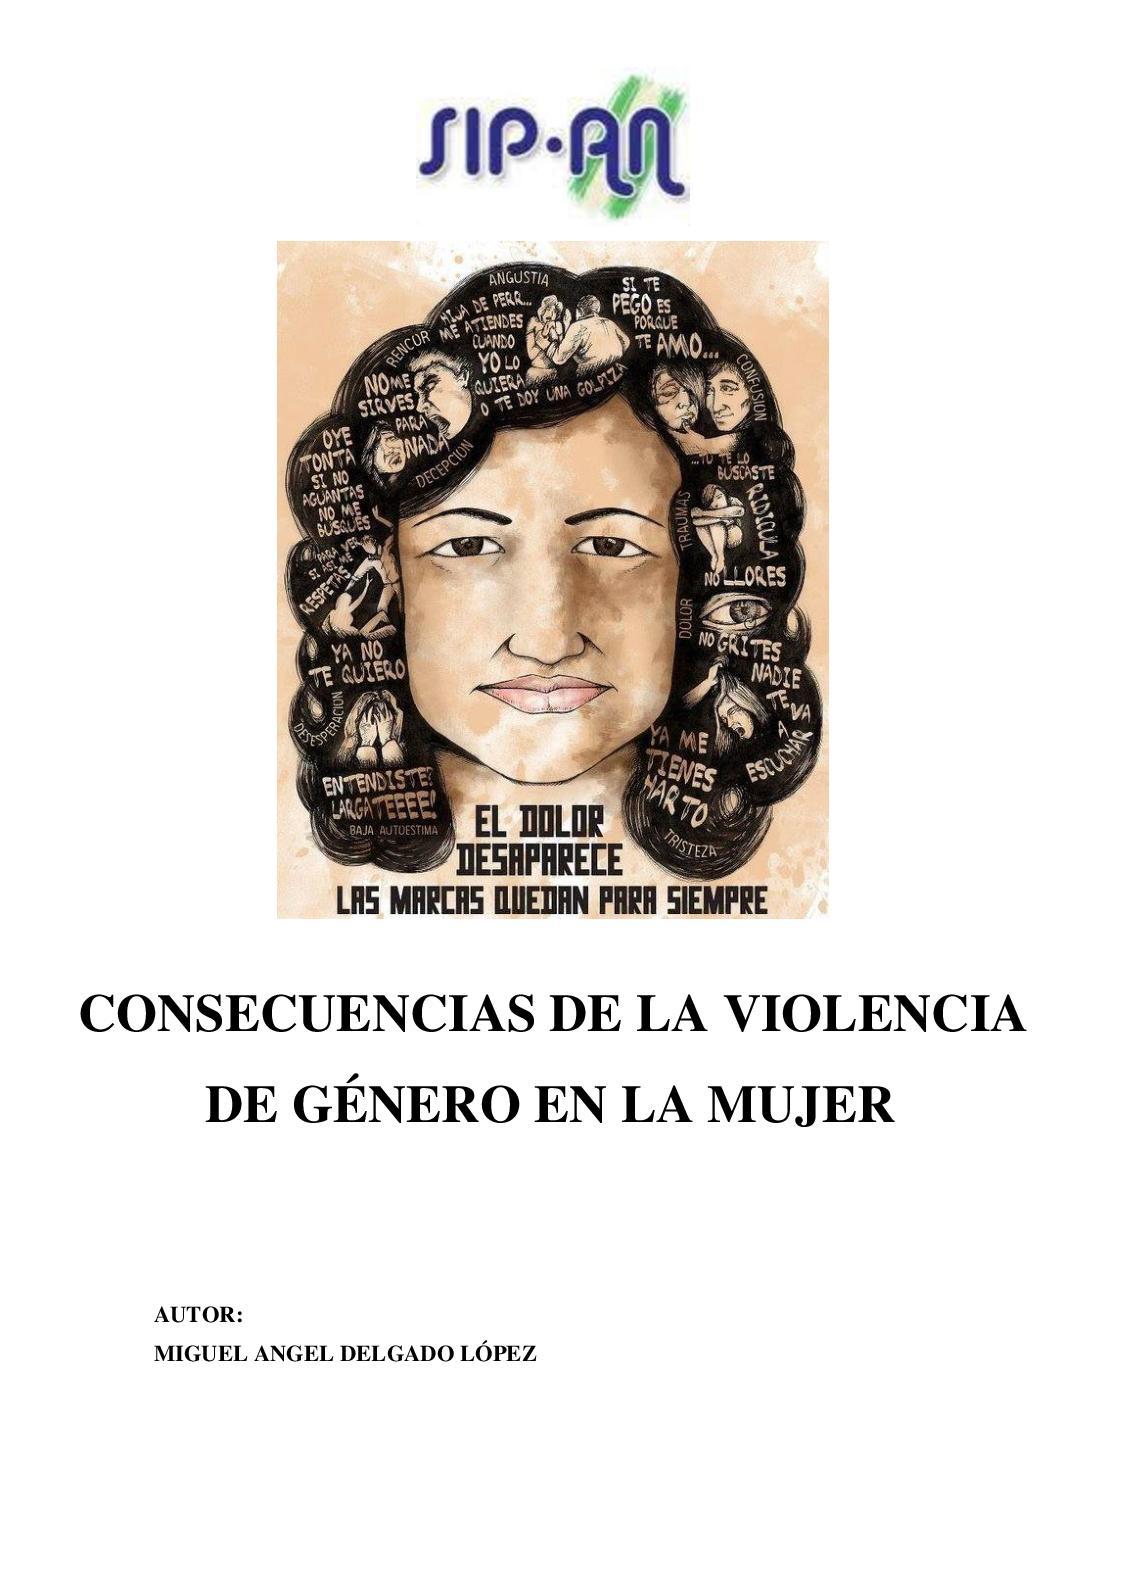 385 Consecuencias De La Violencia De Genero En La Mujer